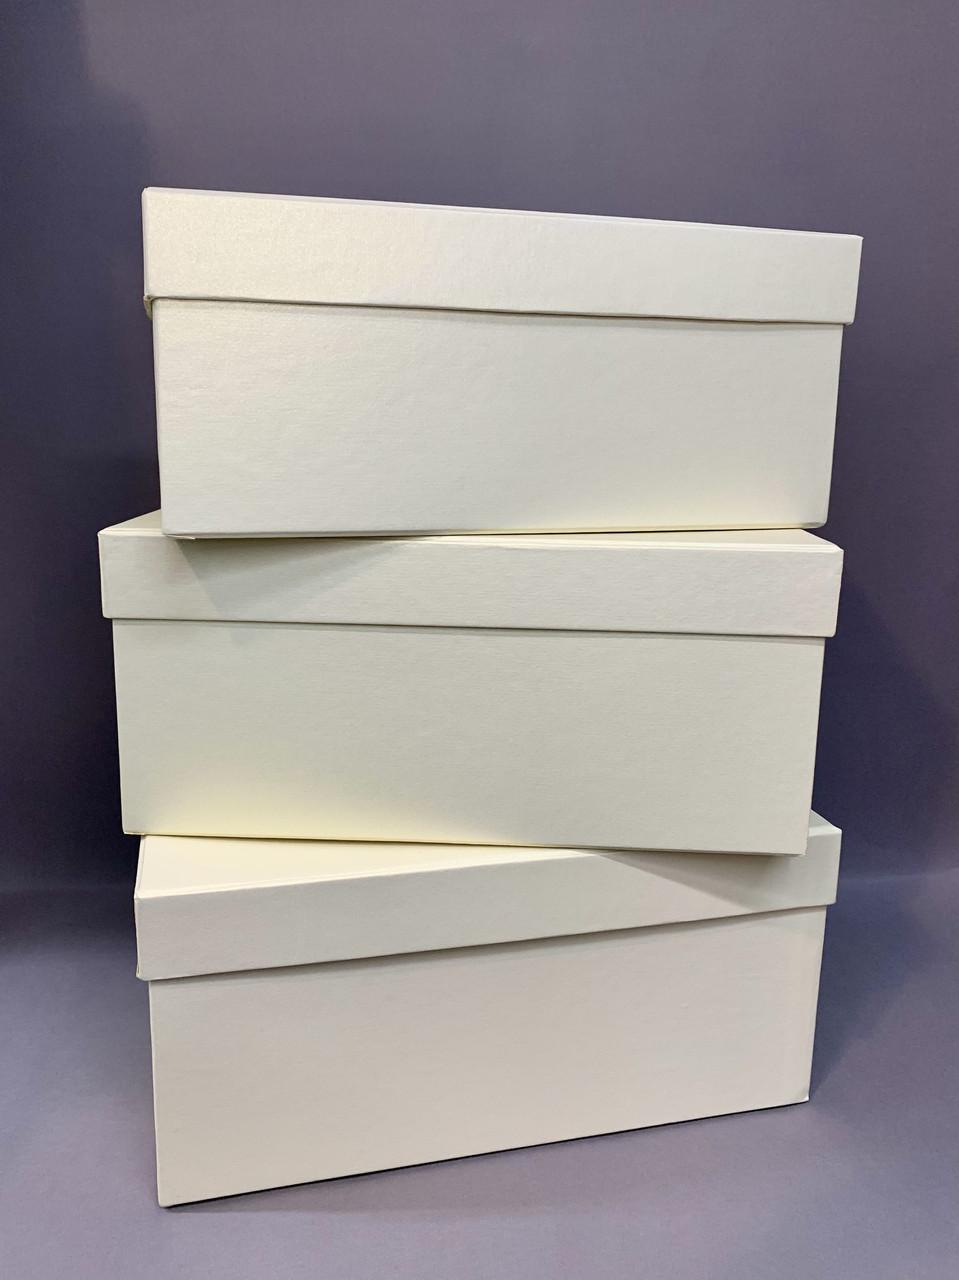 Коробка прямоугольная (крем перламутр)